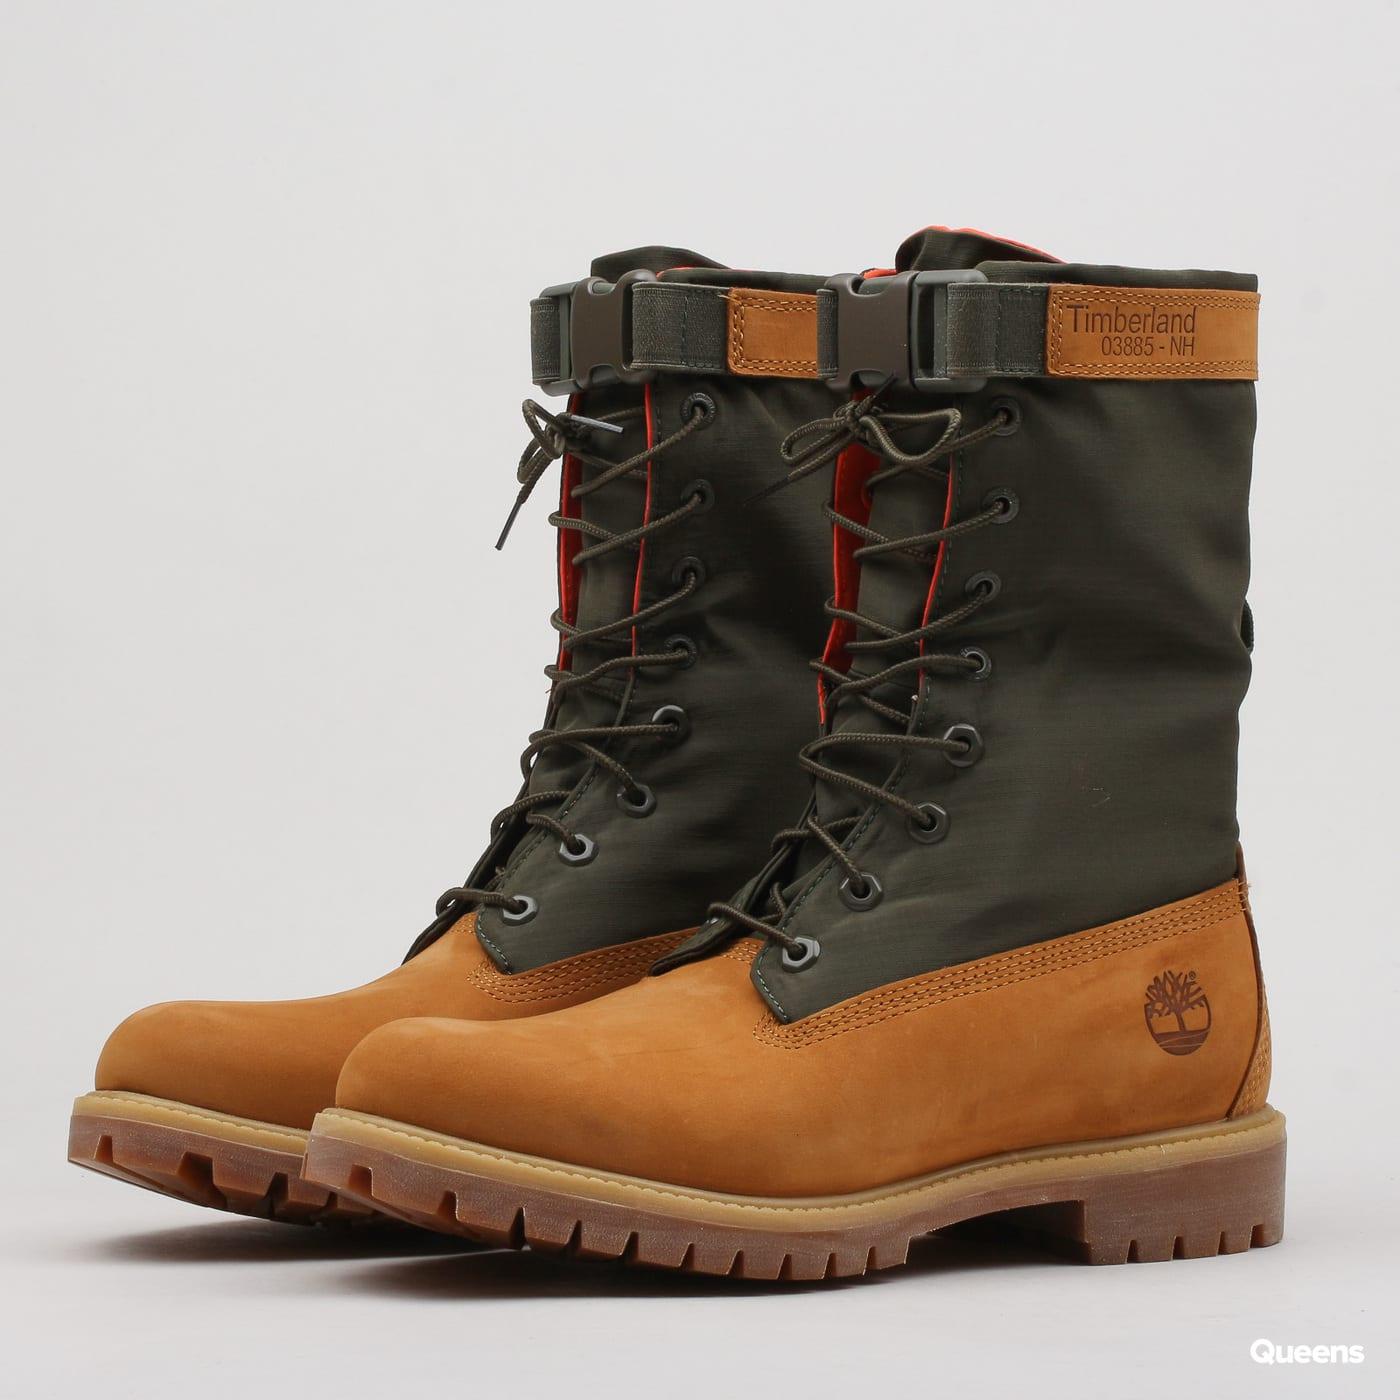 9bed812190d Pánské zimní boty Timberland 6 Inch Premium Gaiter Boot (A1QY8 - WHE) –  Queens 💚